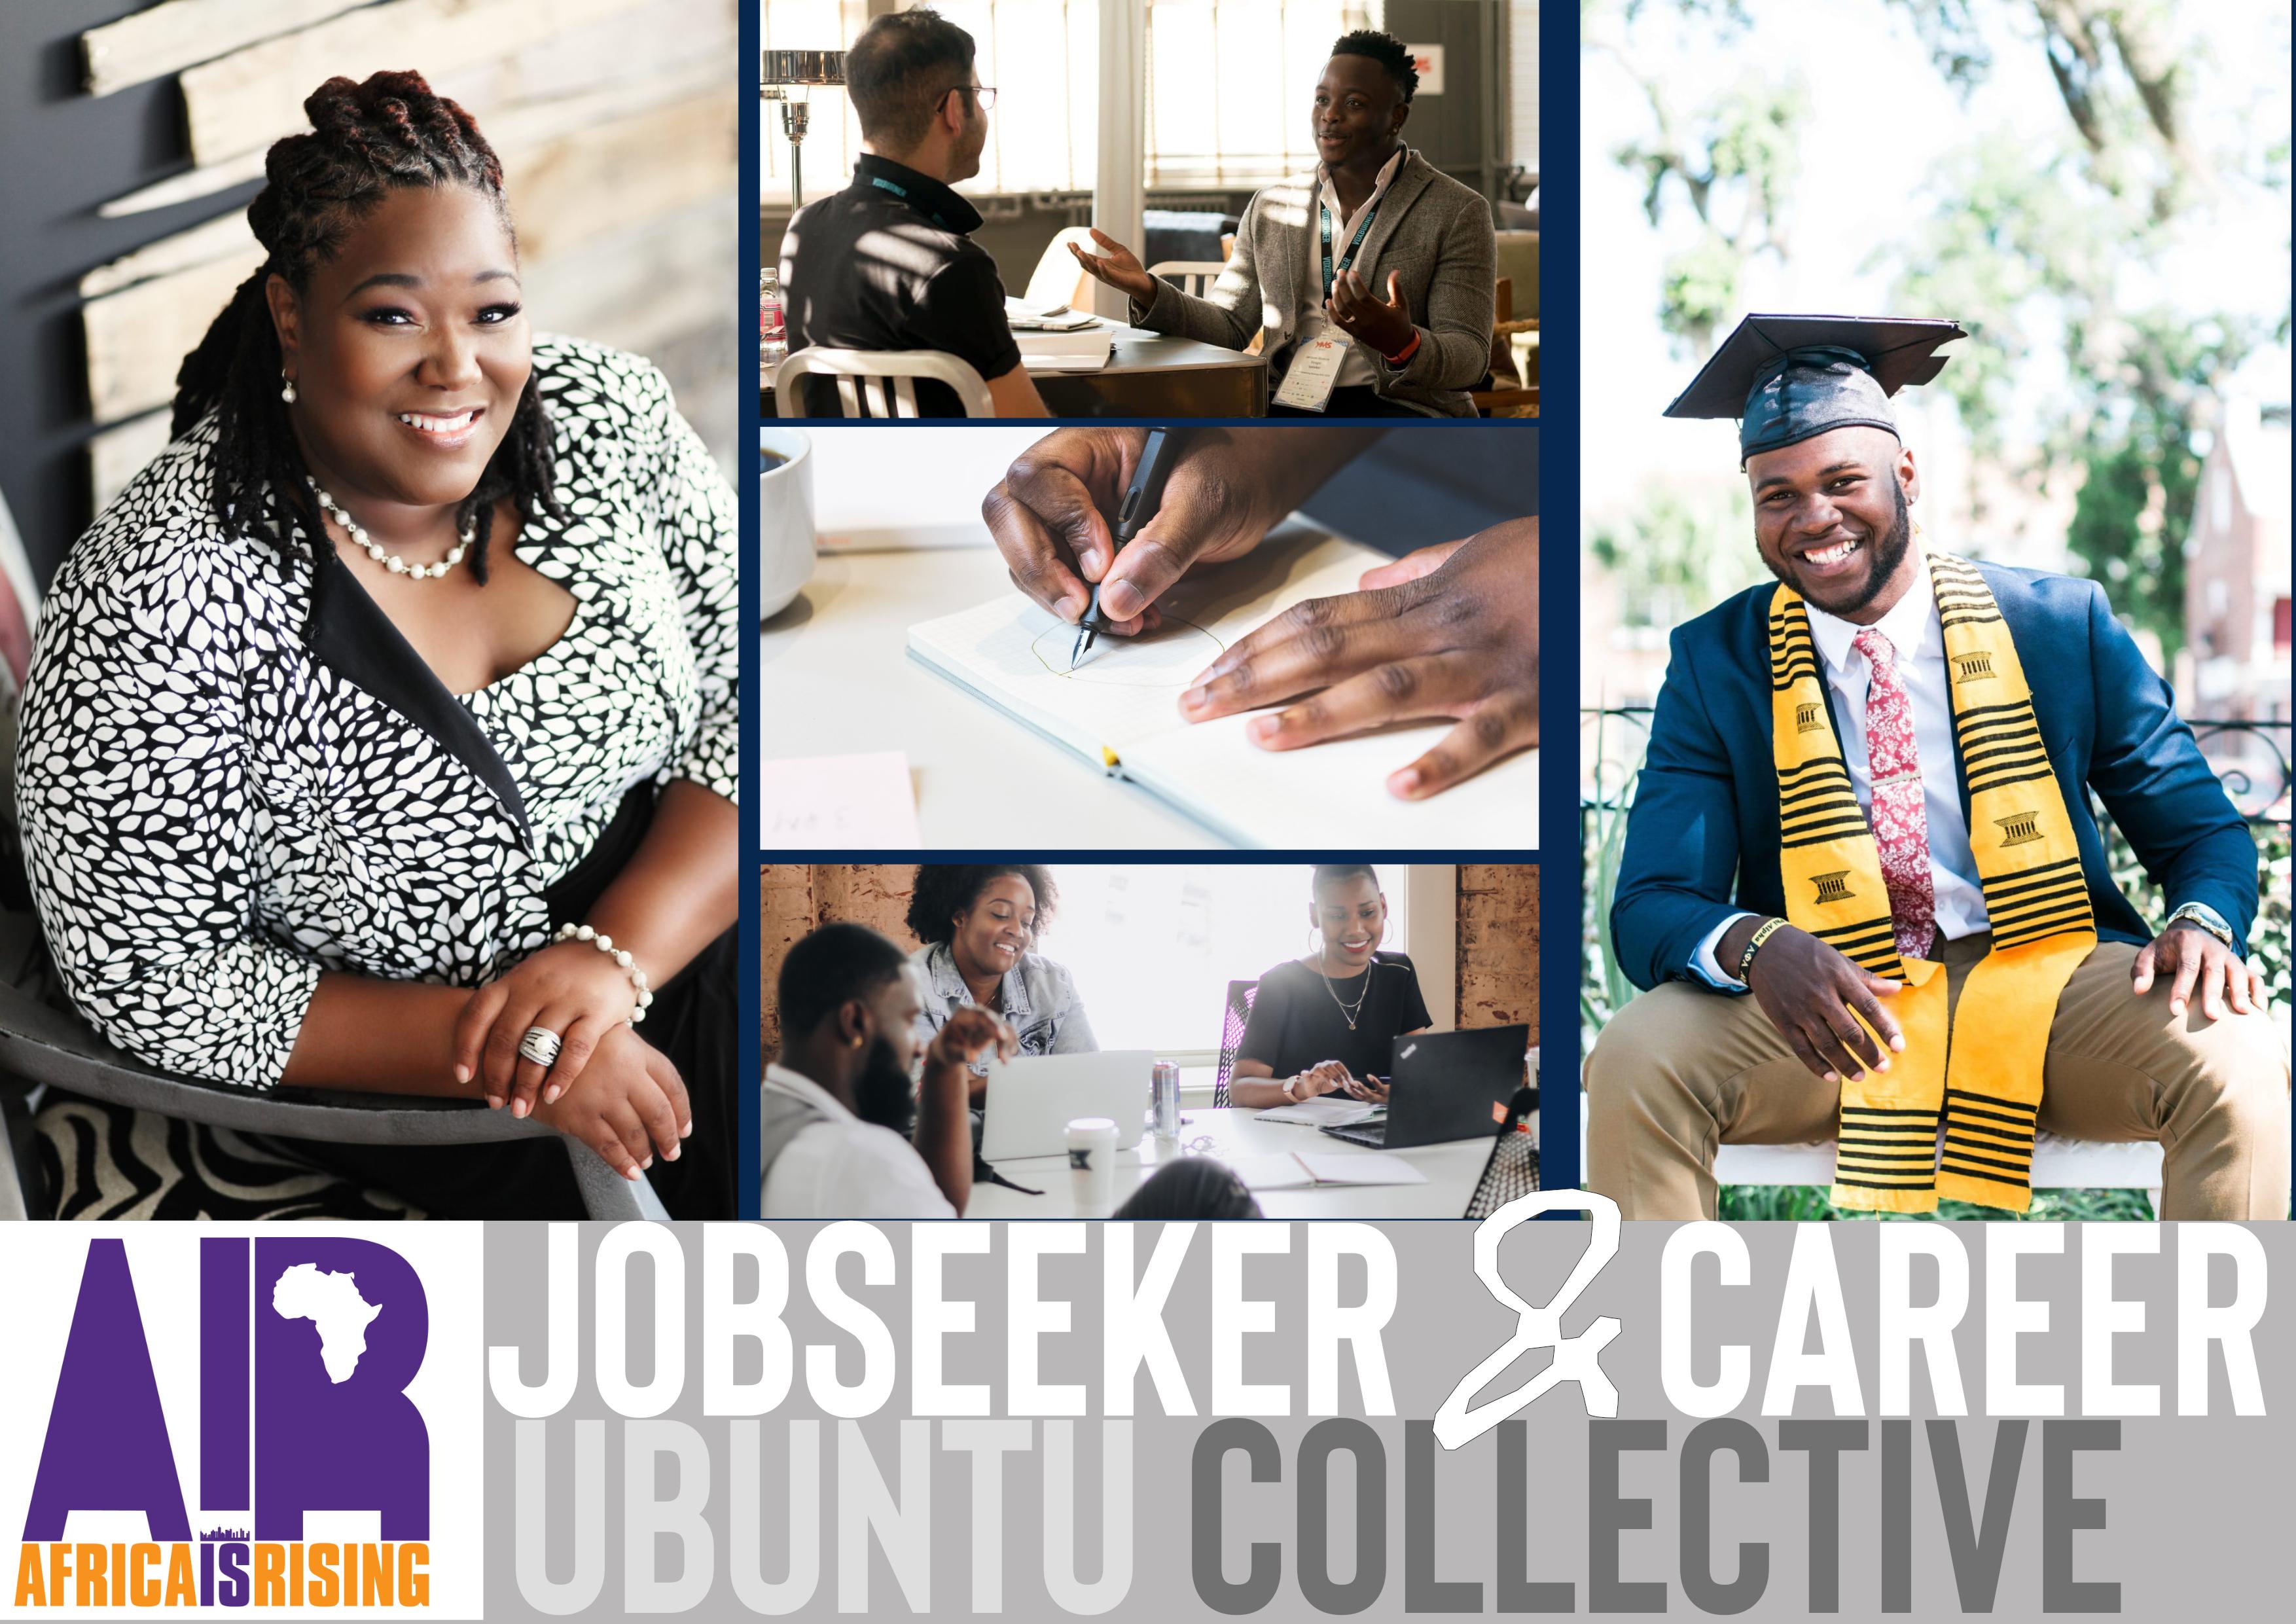 Jobseekers & Career Community